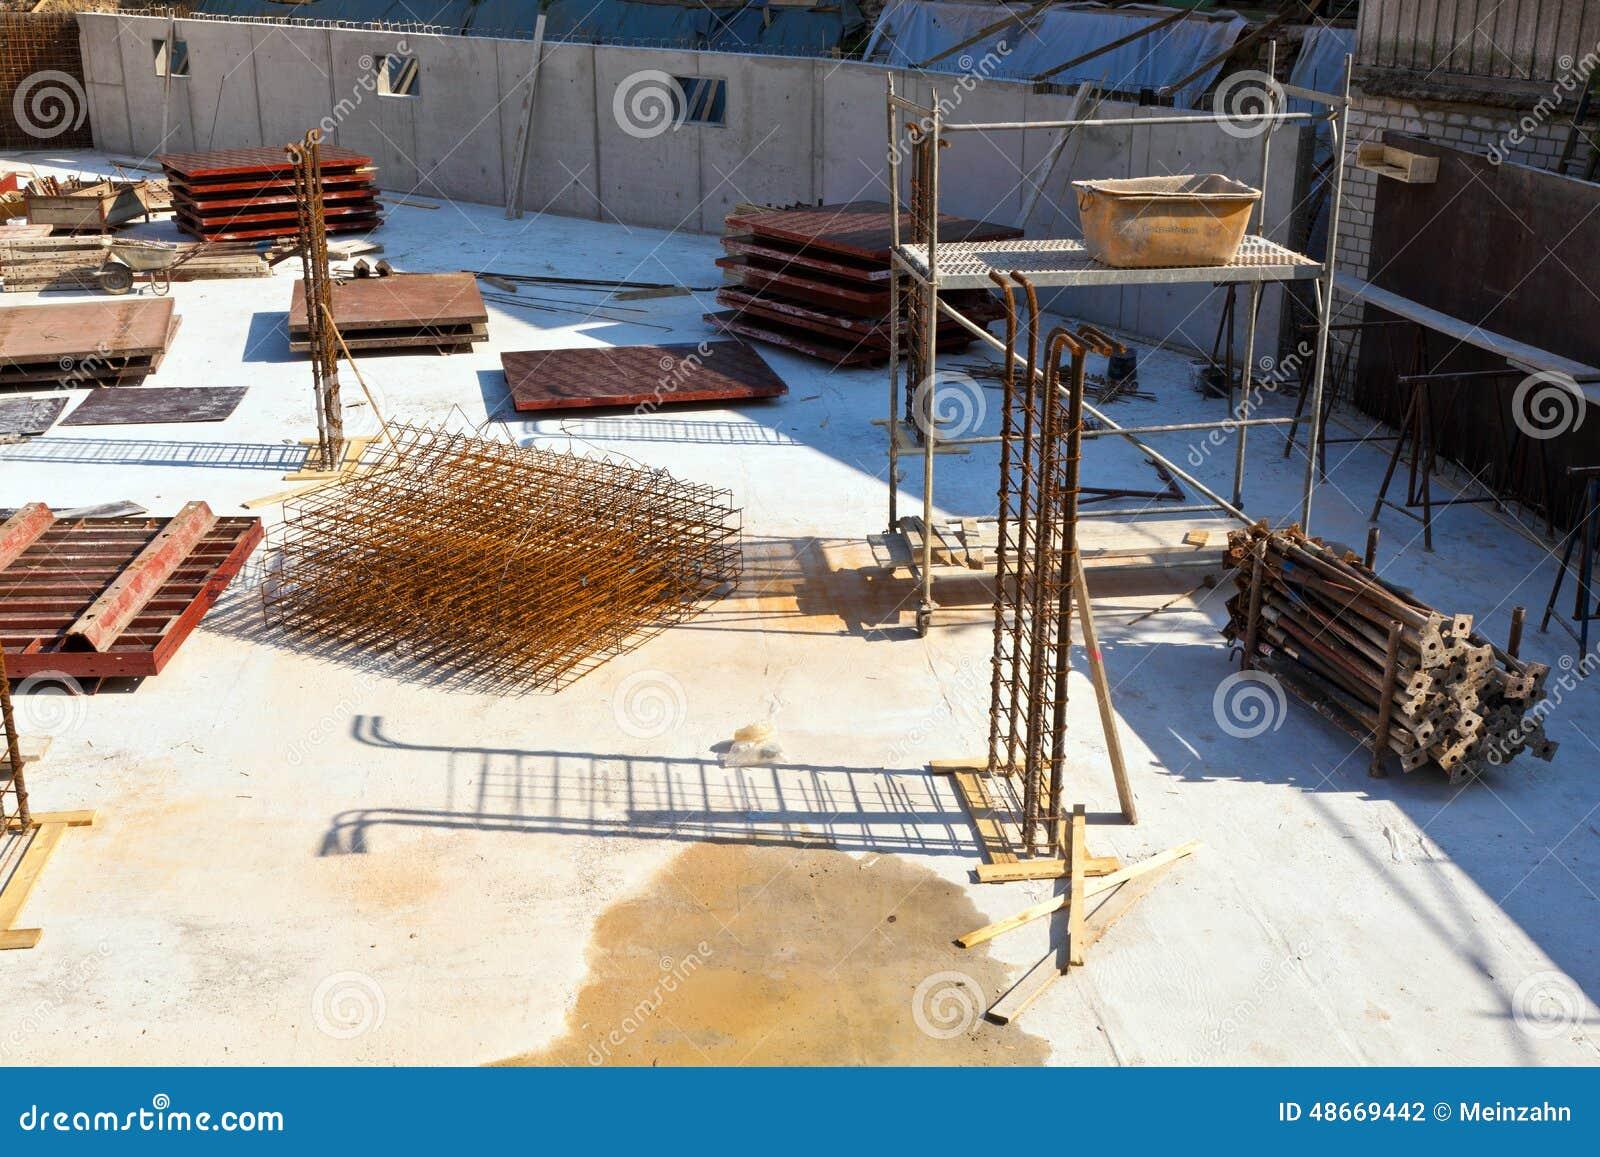 materiel maison beautiful musculation maison avec step with materiel maison cool faire du. Black Bedroom Furniture Sets. Home Design Ideas